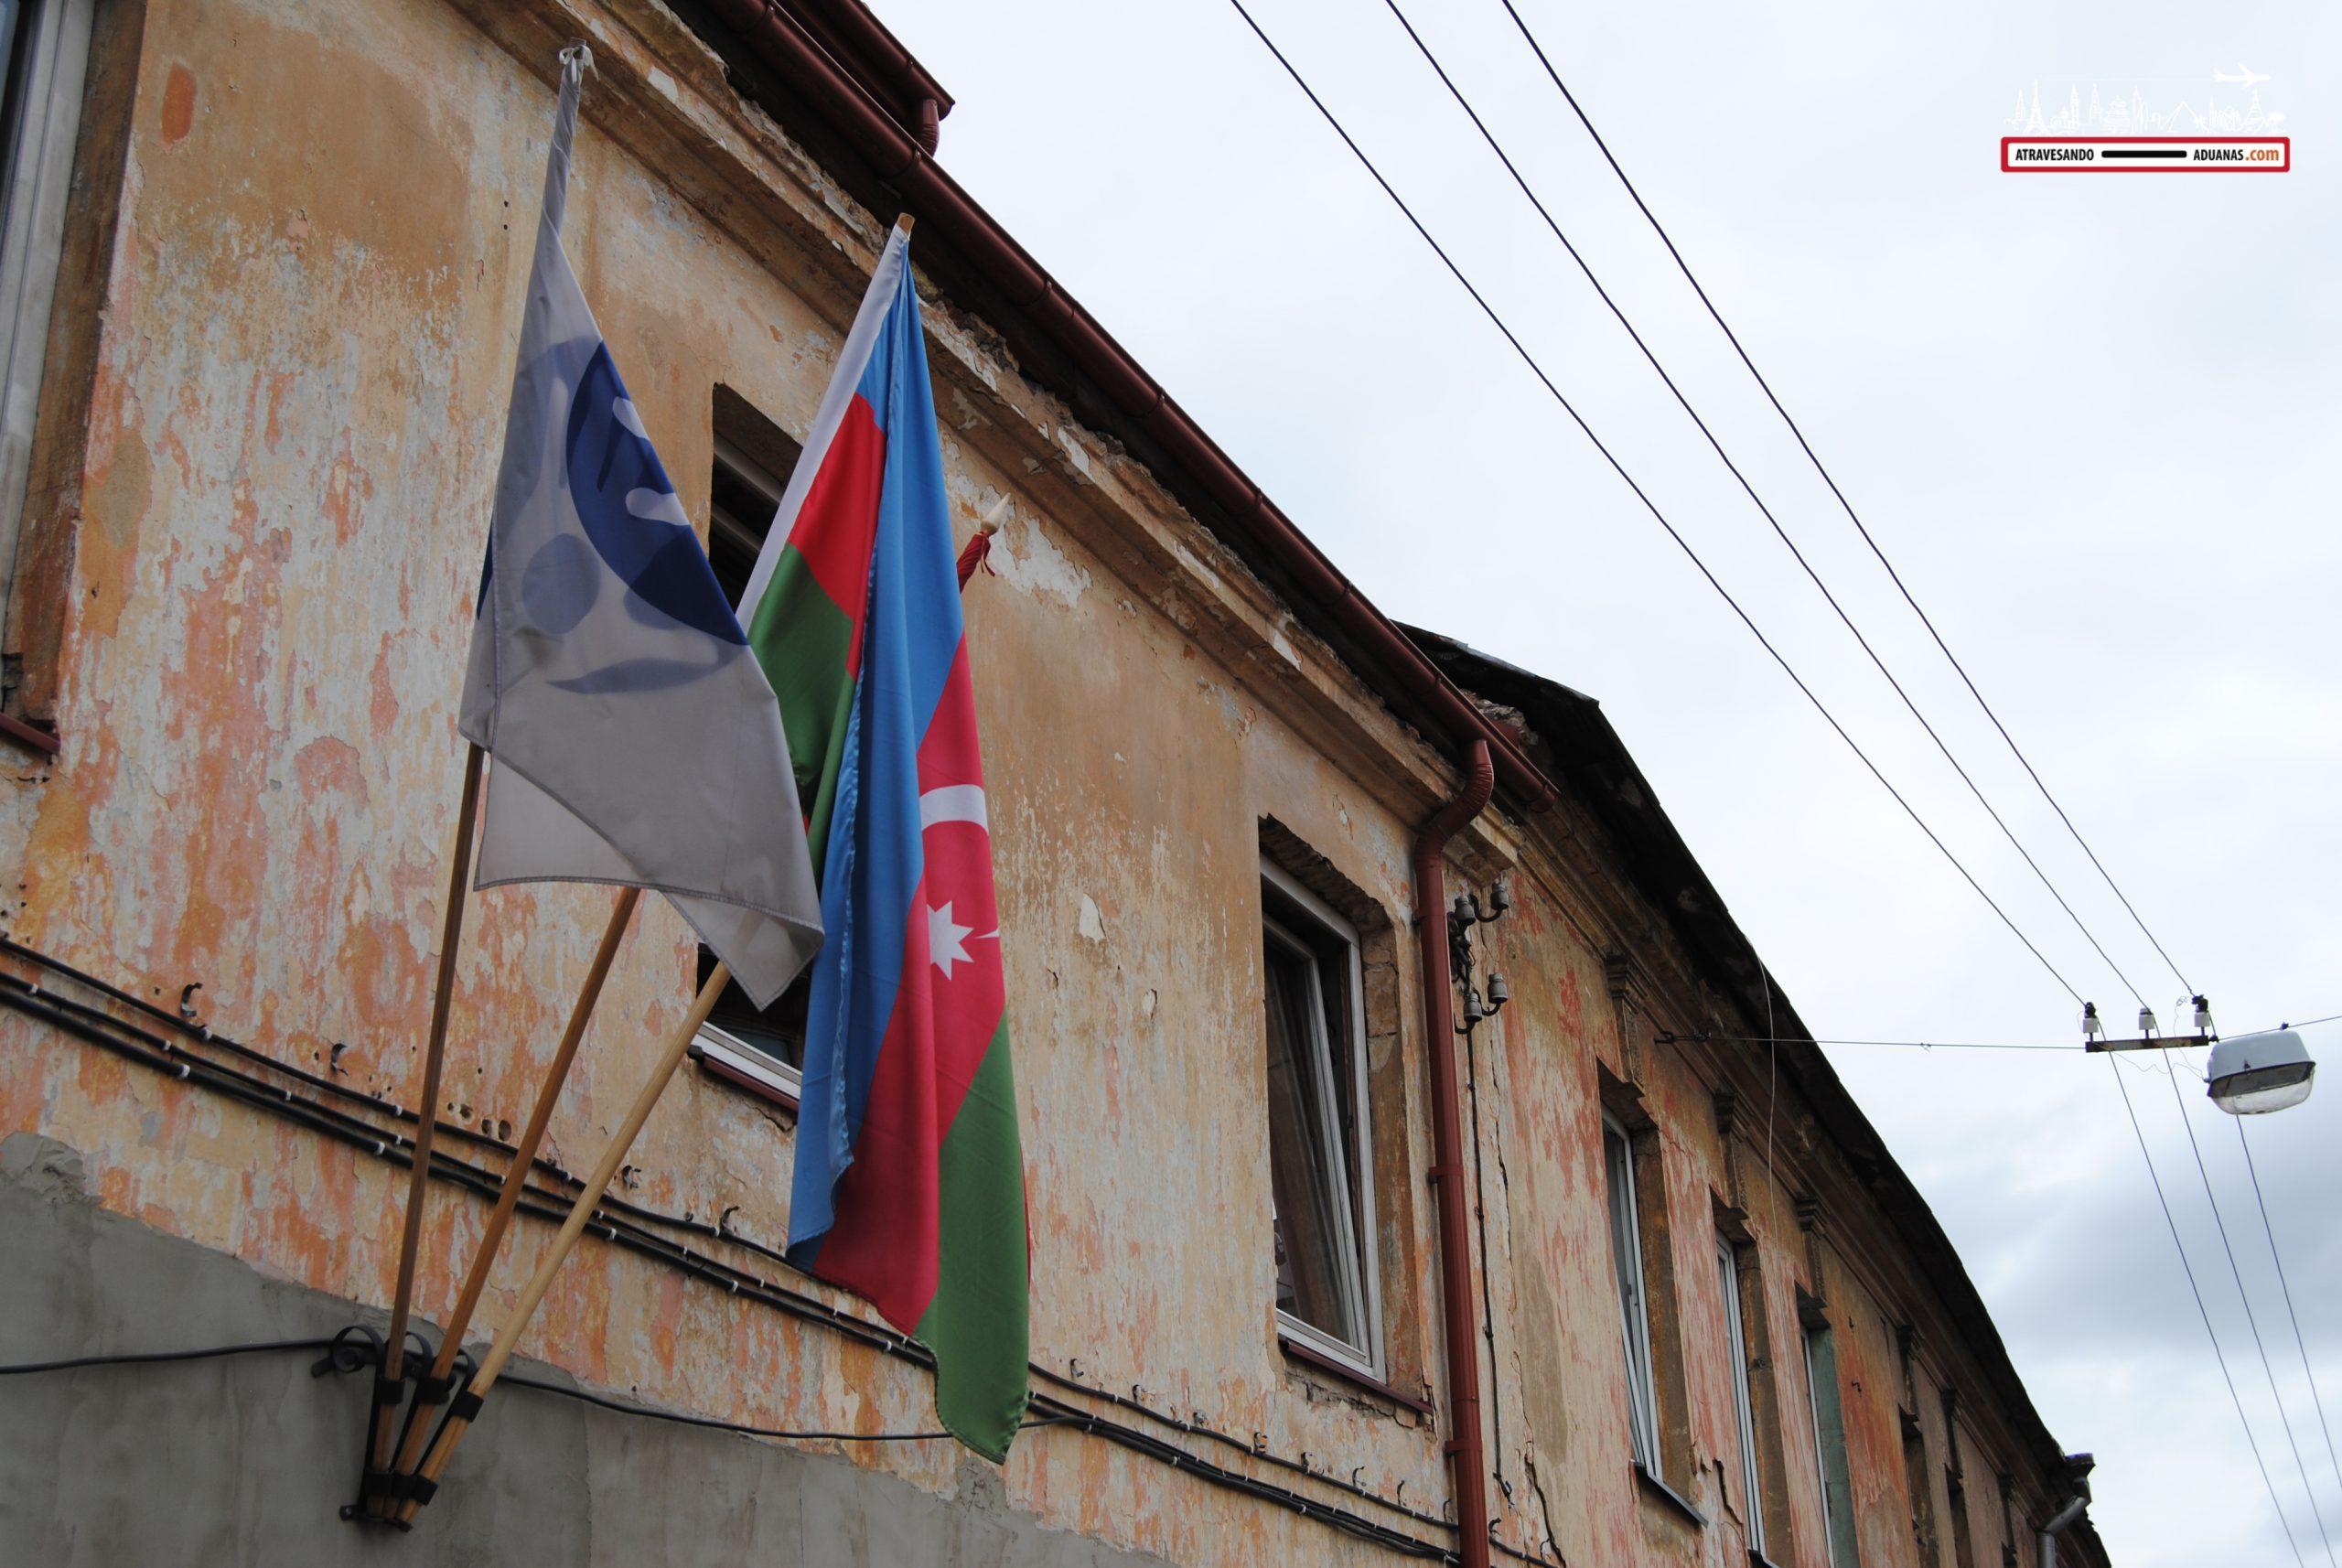 Bandera azerí en Uzupis